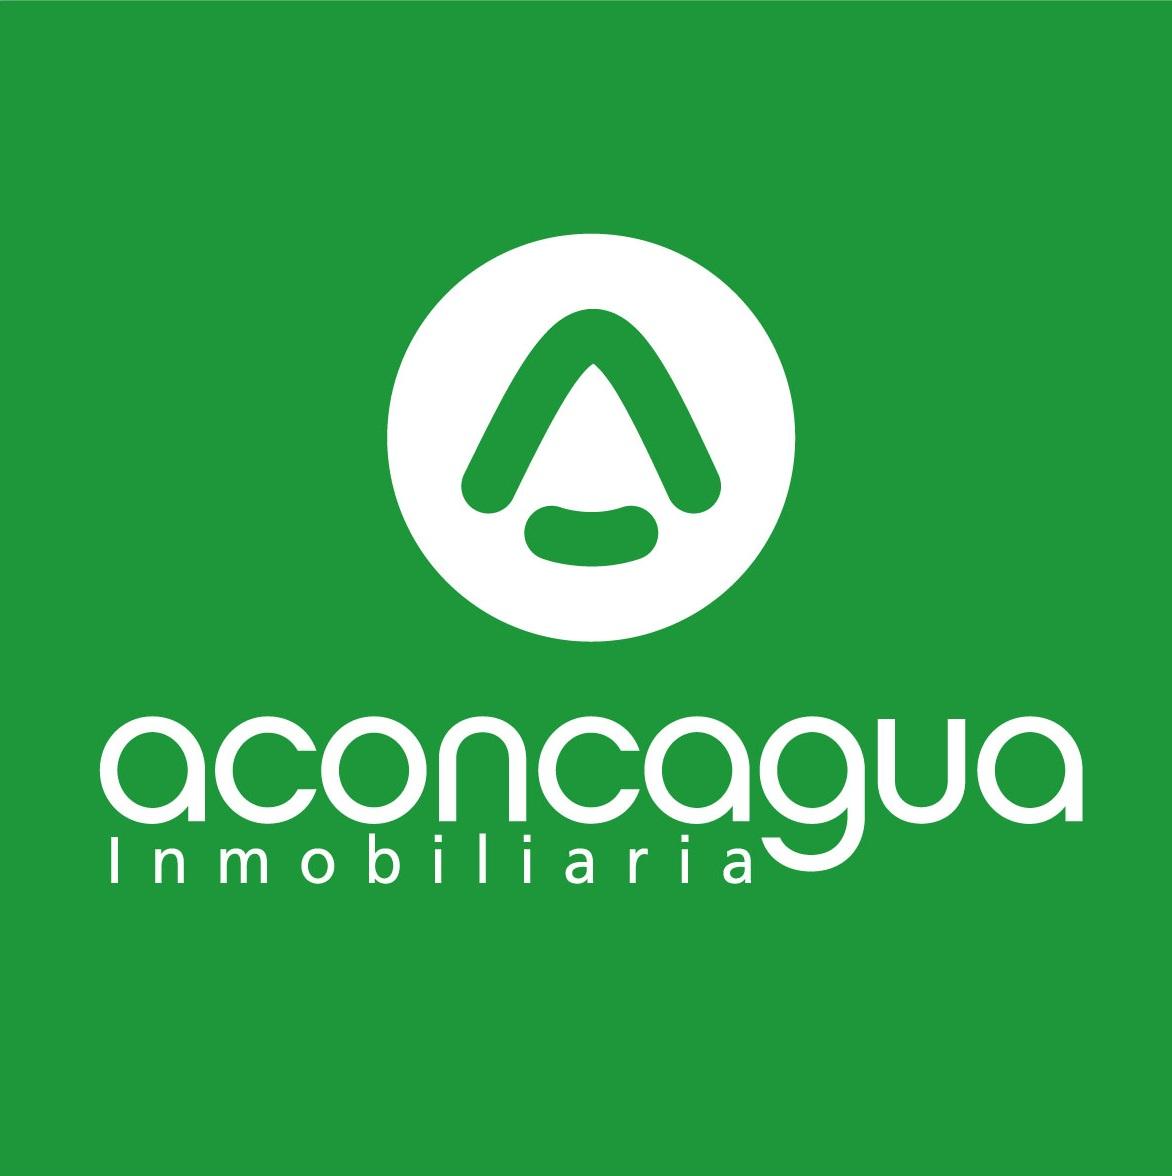 Inmobiliaria Aconcagua - Costa